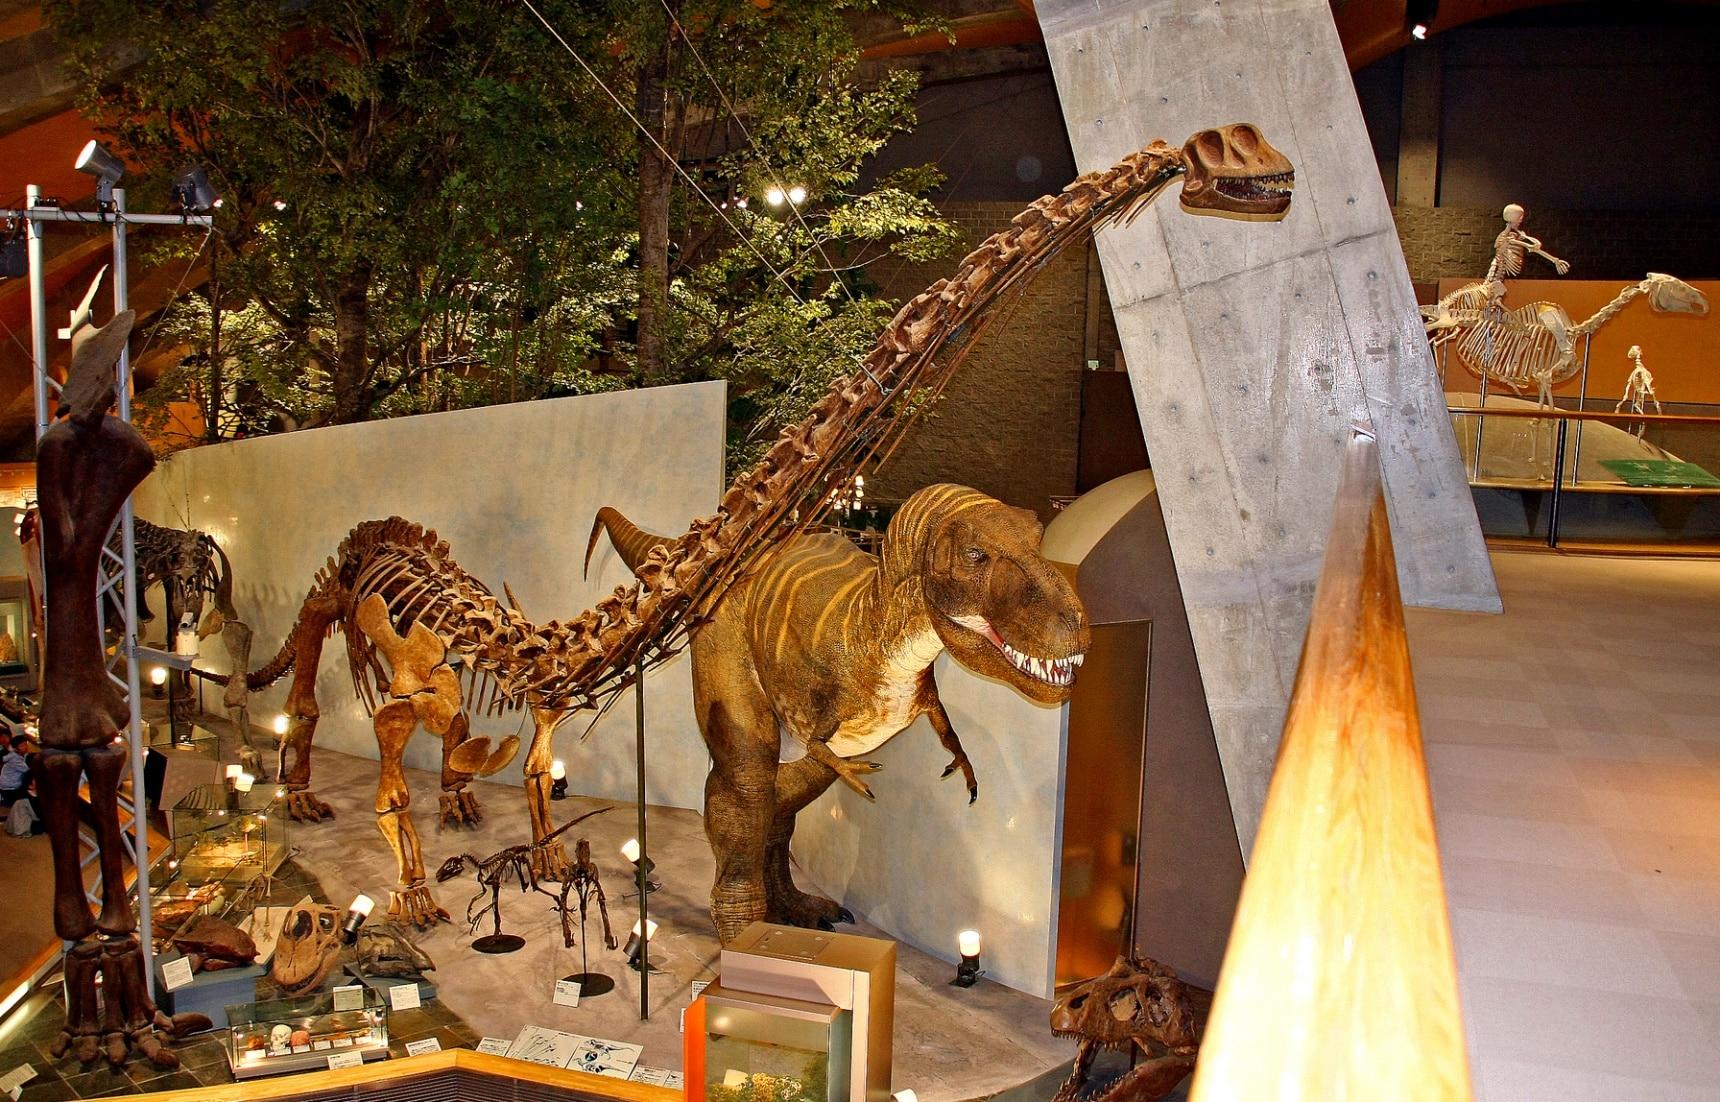 10 พิพิธภัณฑ์ไดโนเสาร์ของญี่ปุ่น